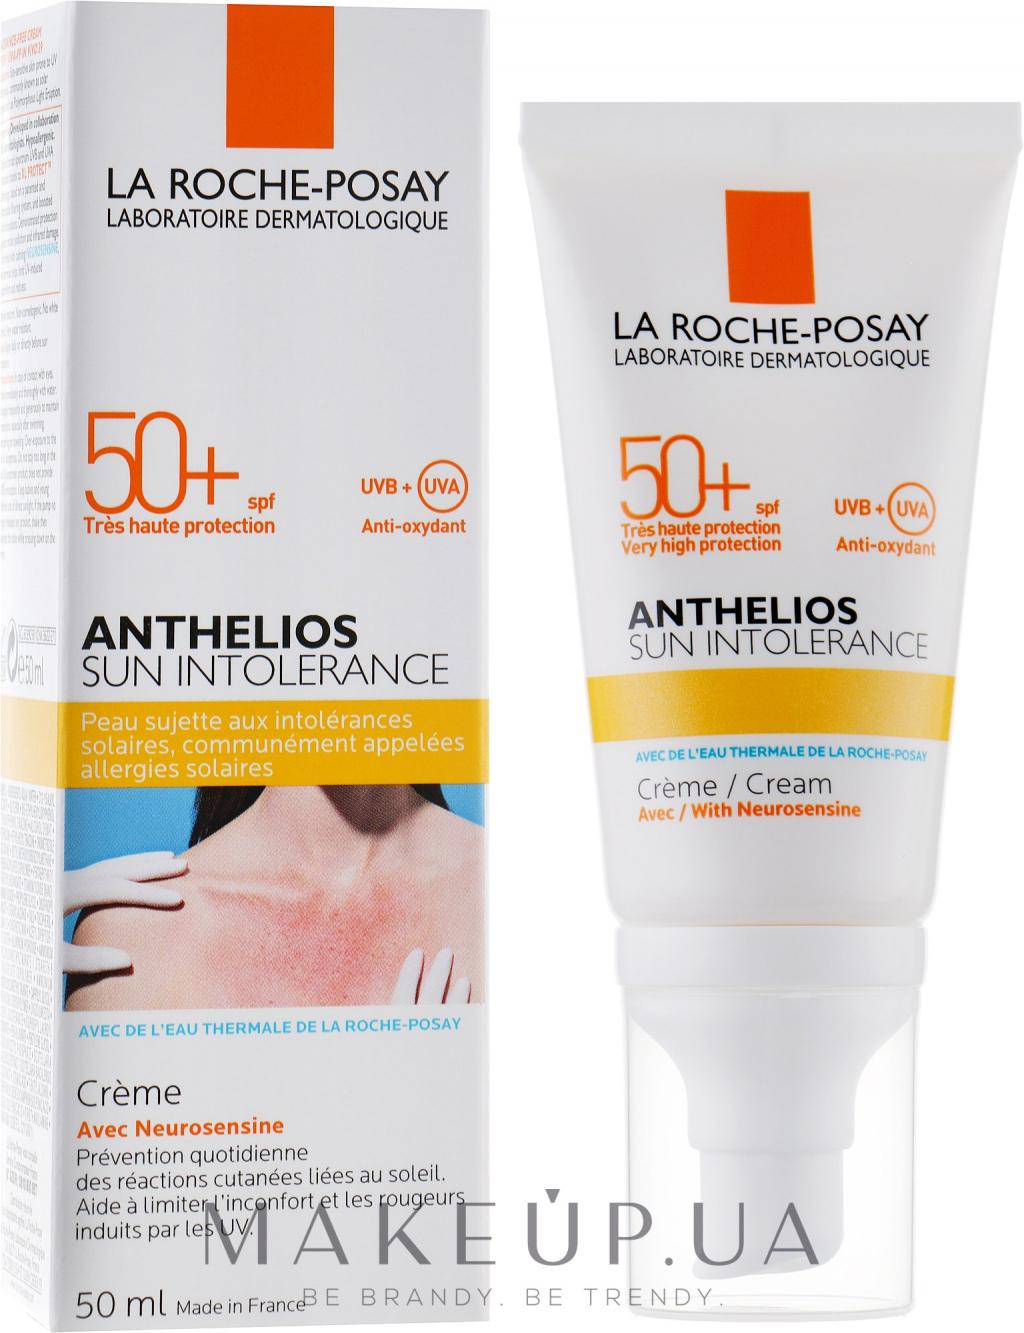 Солнцезащитный тающий крем для кожи склонной к солнечной непереносимости (La Roche-Posay Anthelios Sun Intolerance Cream SPF50+)